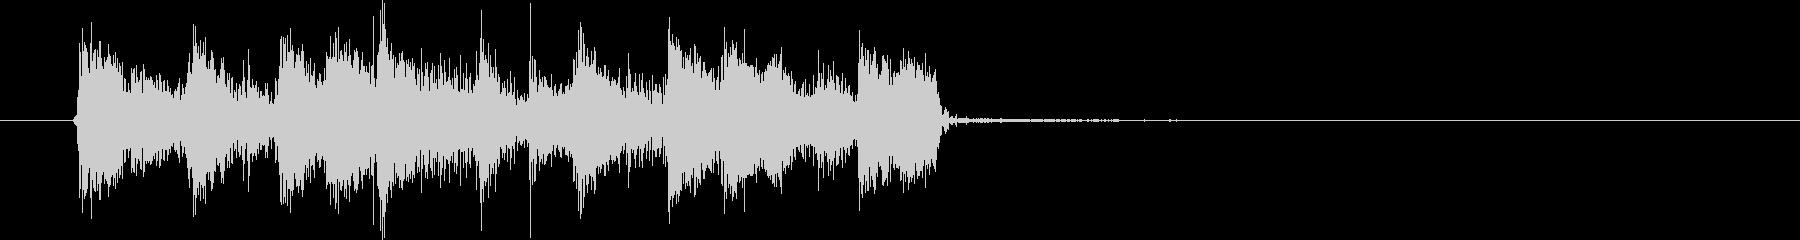 ギターとスラップベースのディスコの未再生の波形